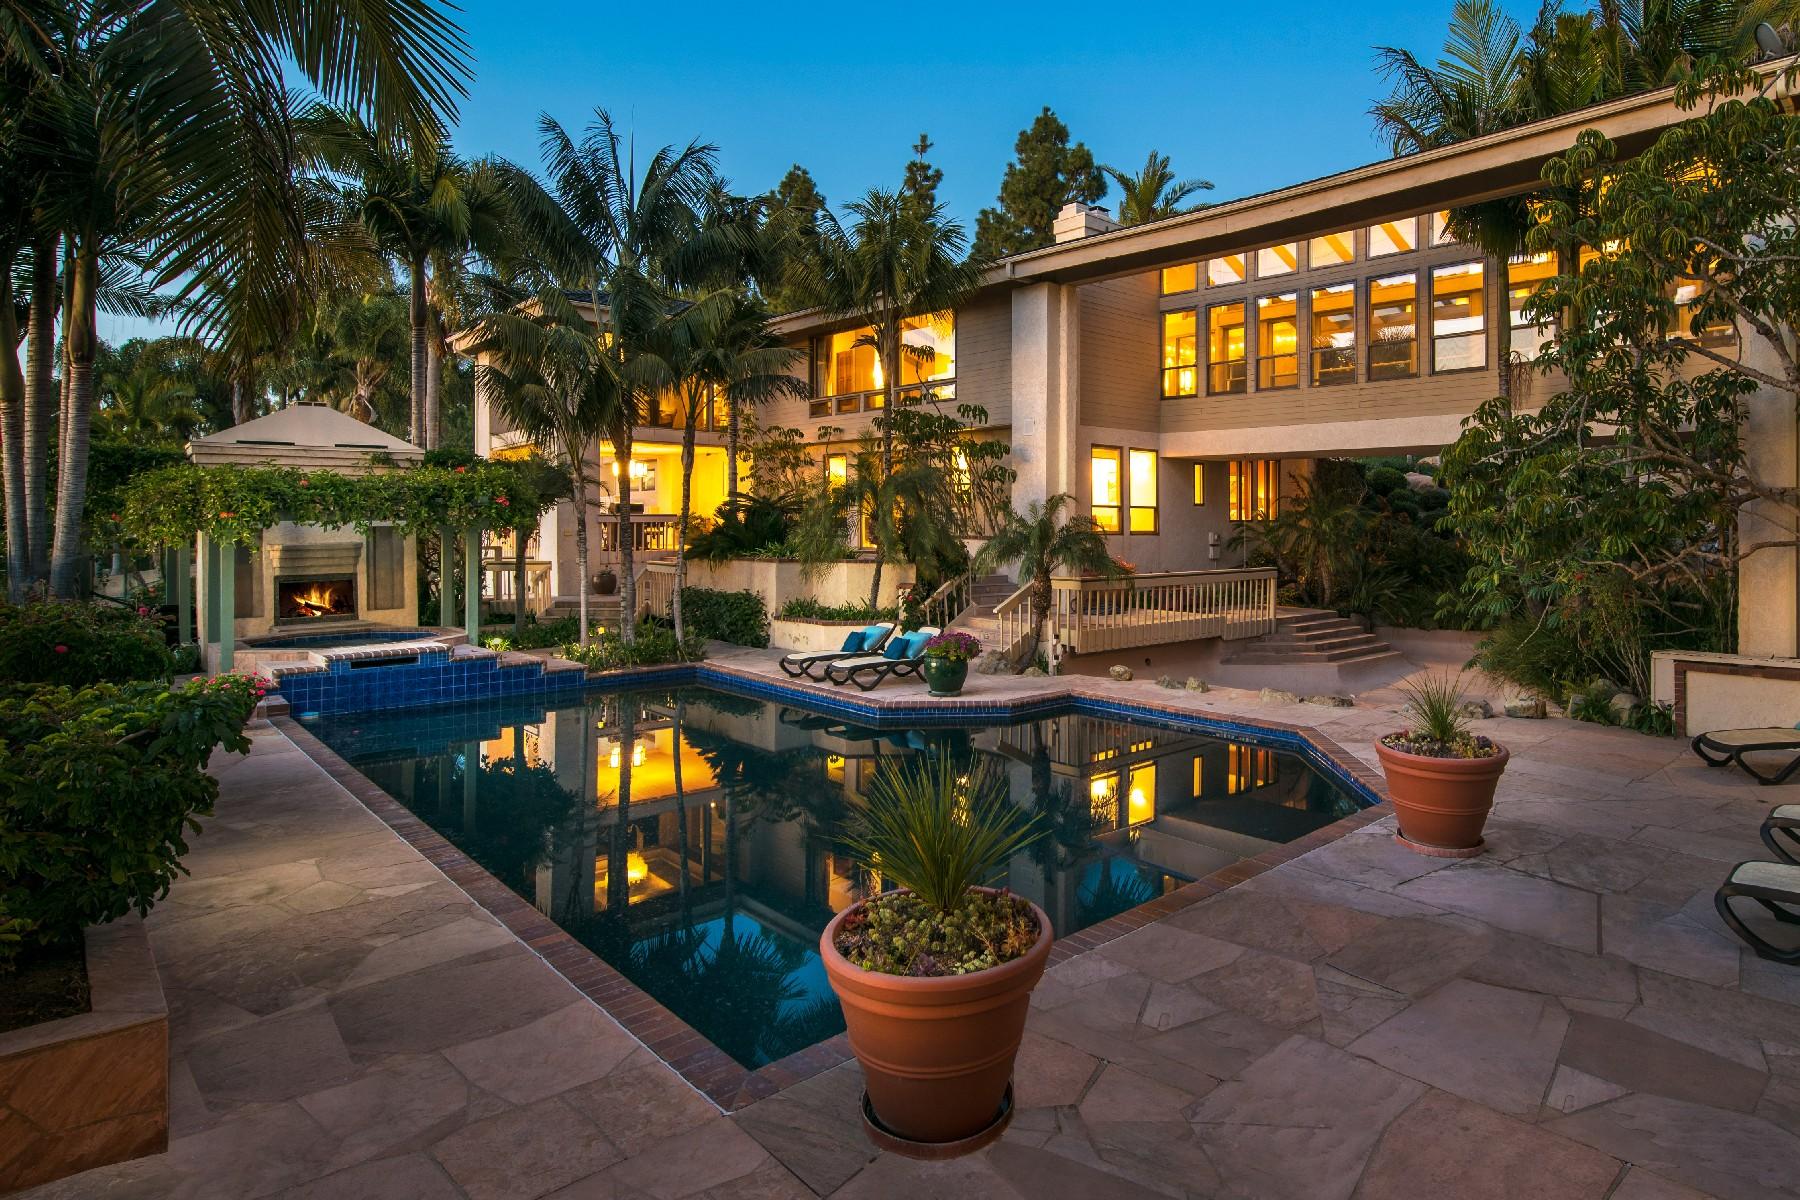 独户住宅 为 销售 在 4611 La Noria Rancho Santa Fe, 加利福尼亚州 92067 美国